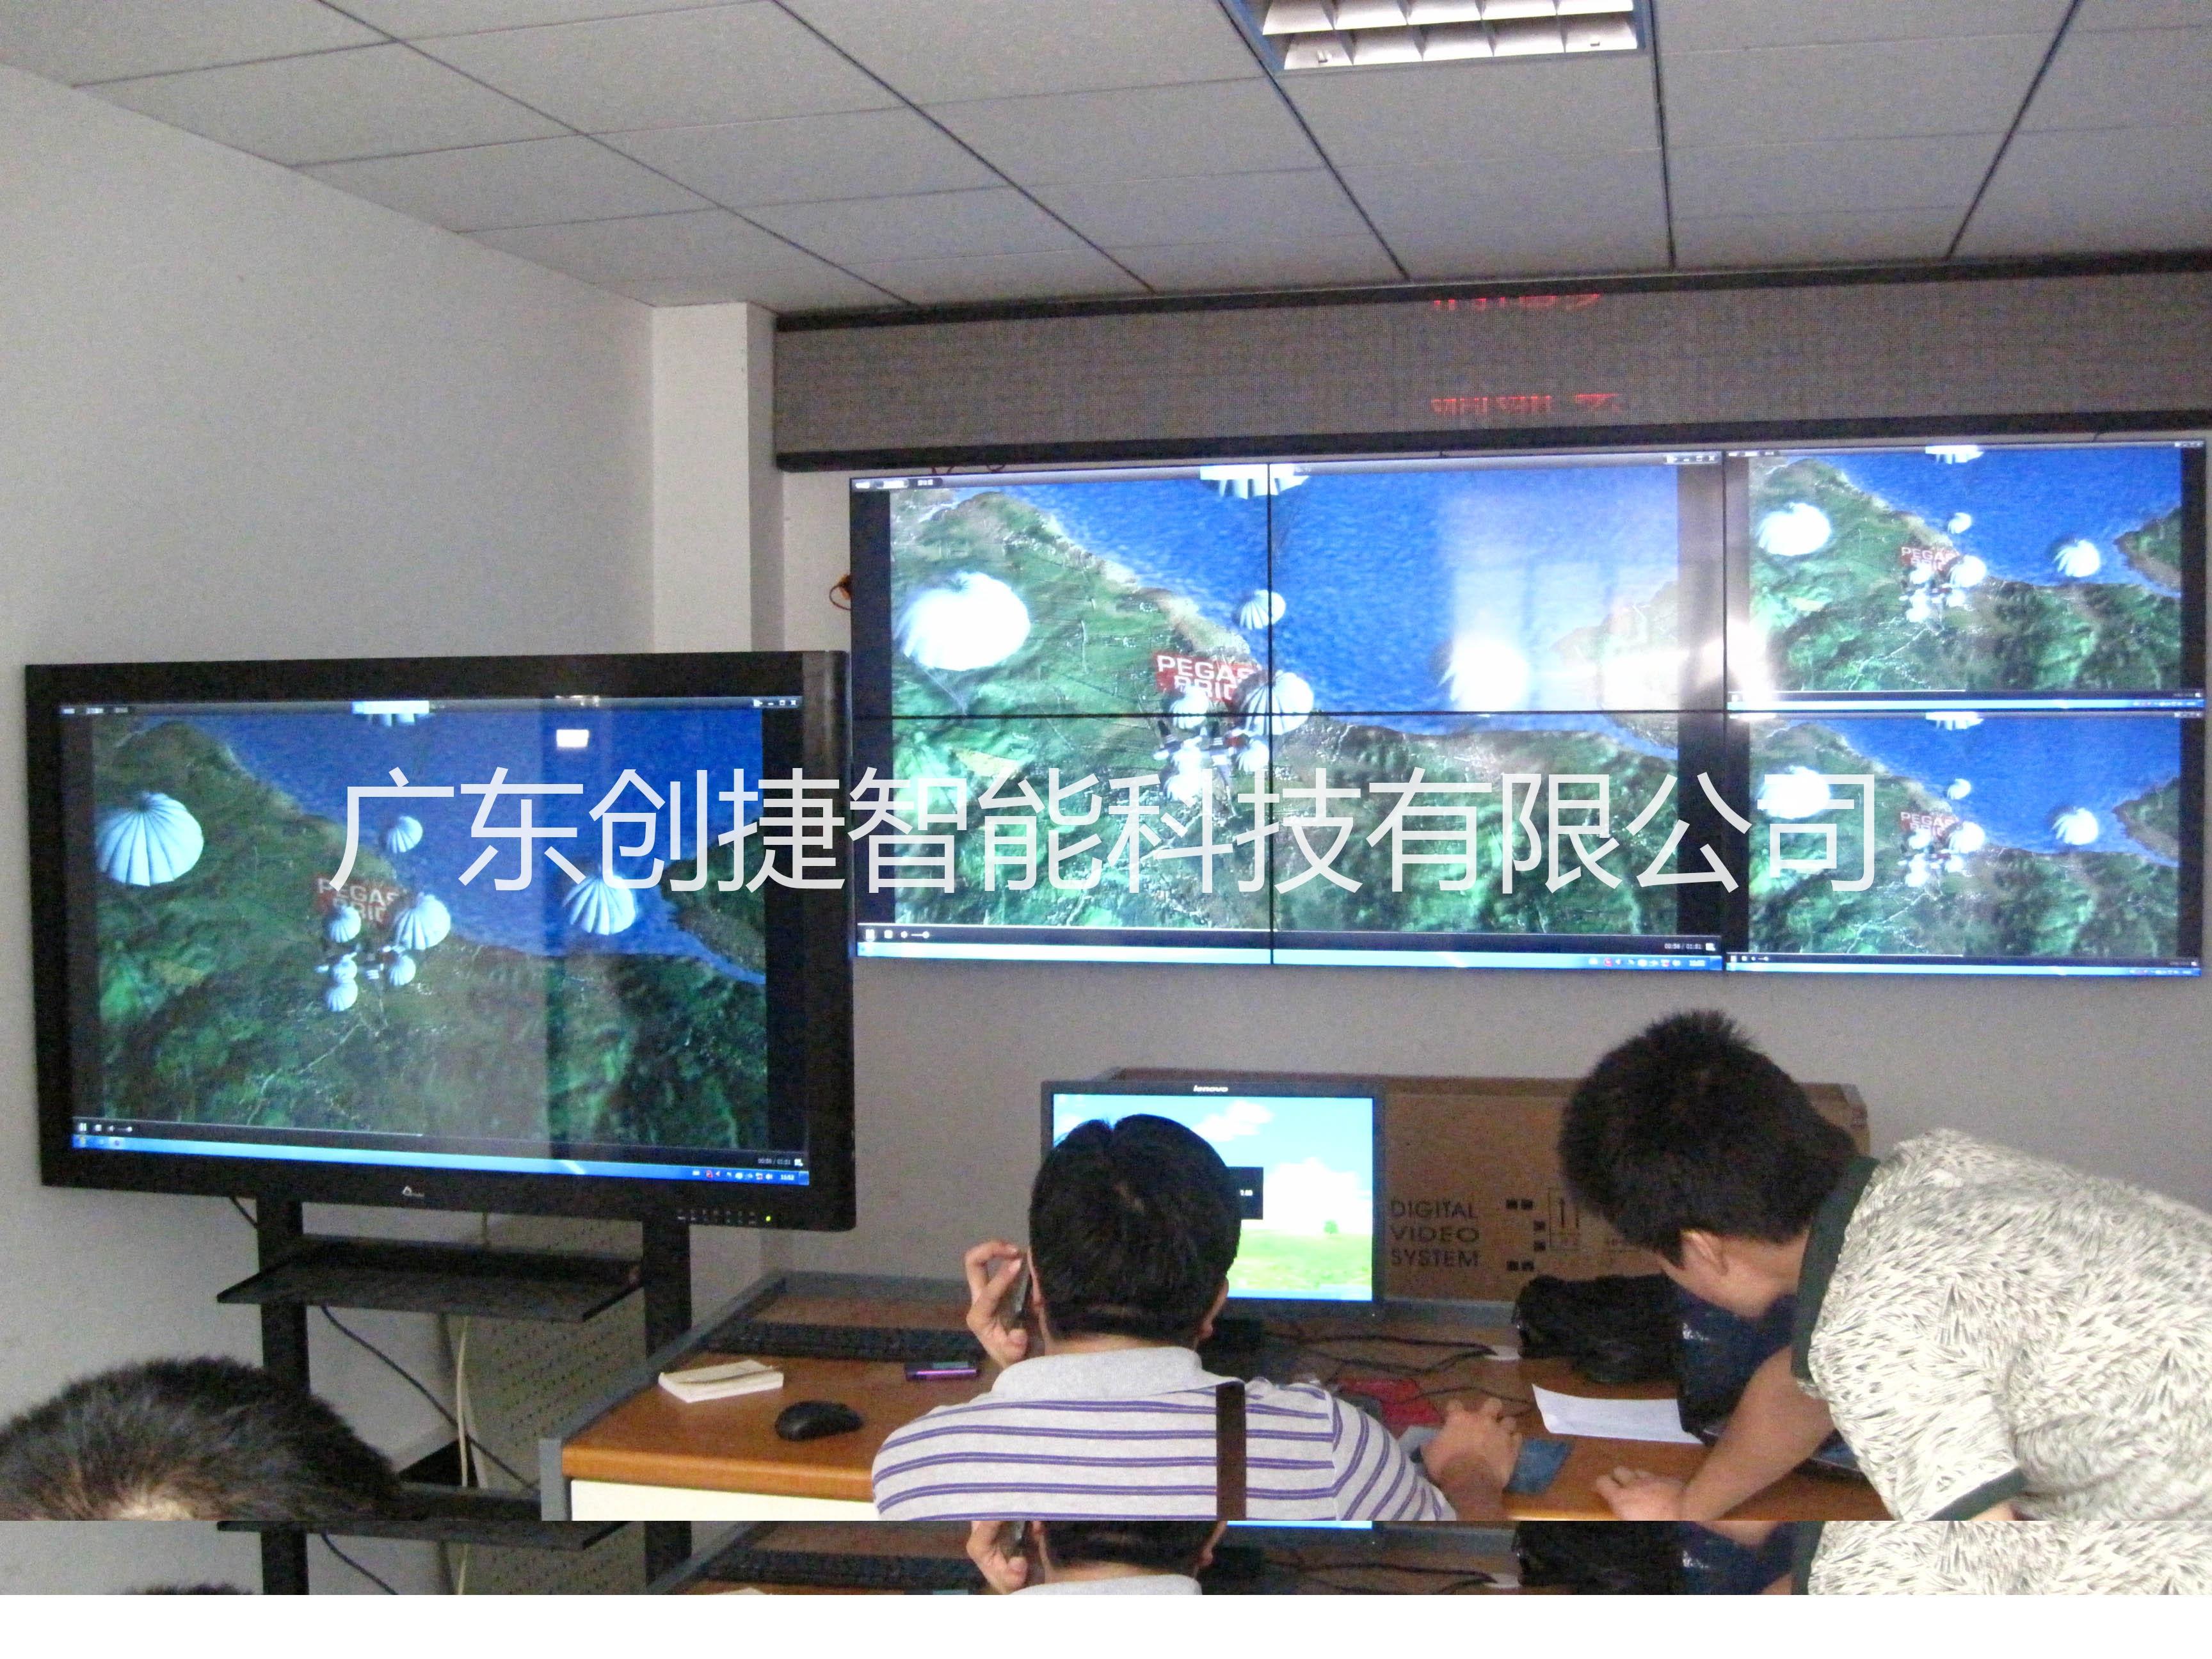 郧西县涧池乡政府信息化管理46寸液晶拼接屏项目